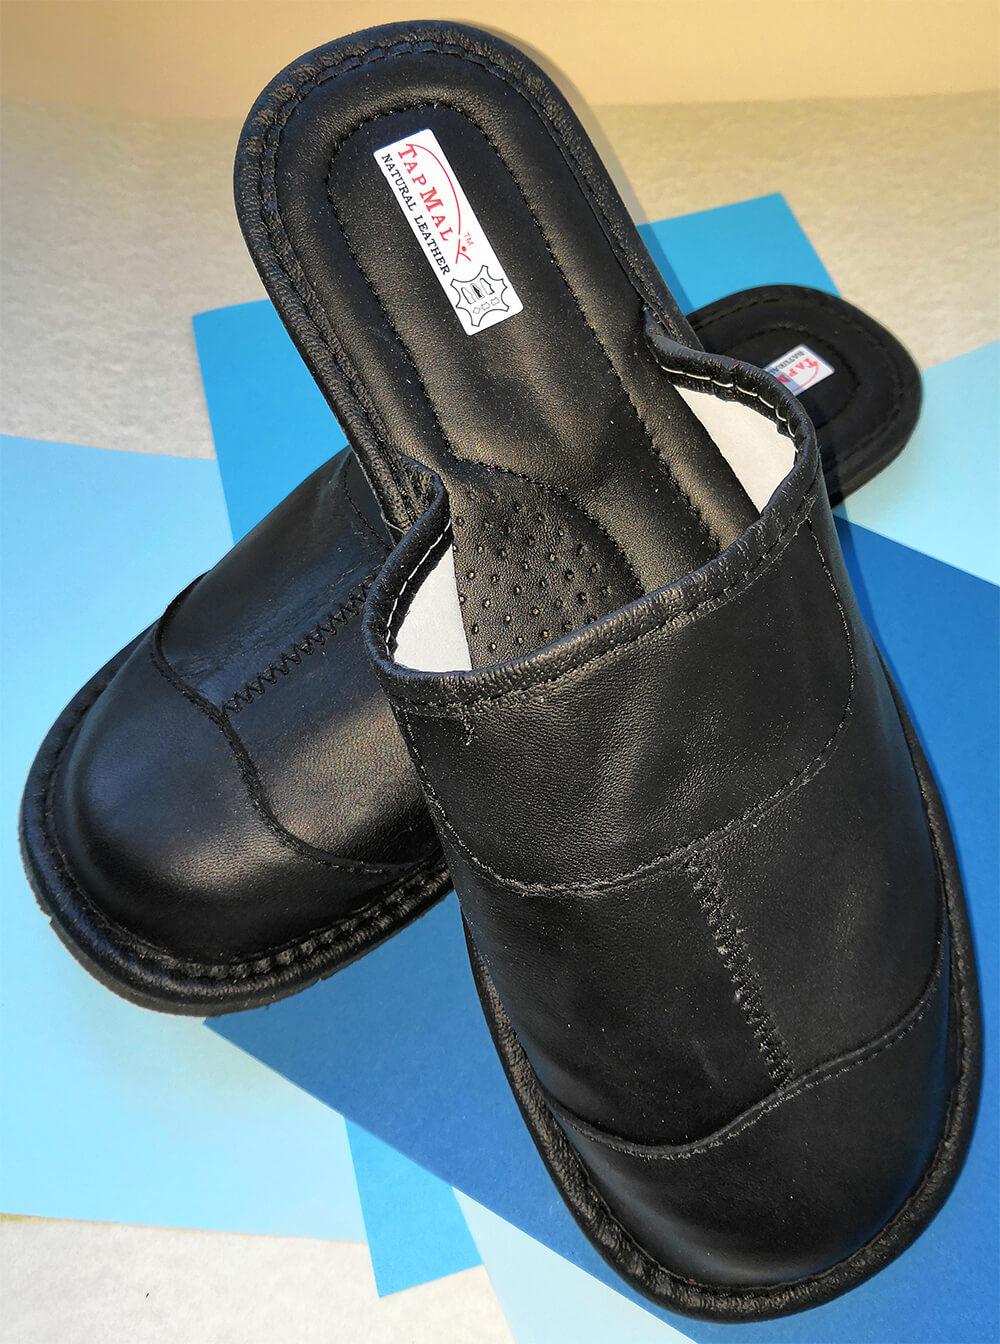 Купить кожаные тапочки мужские TapMal C30 44 размера. Фото 2